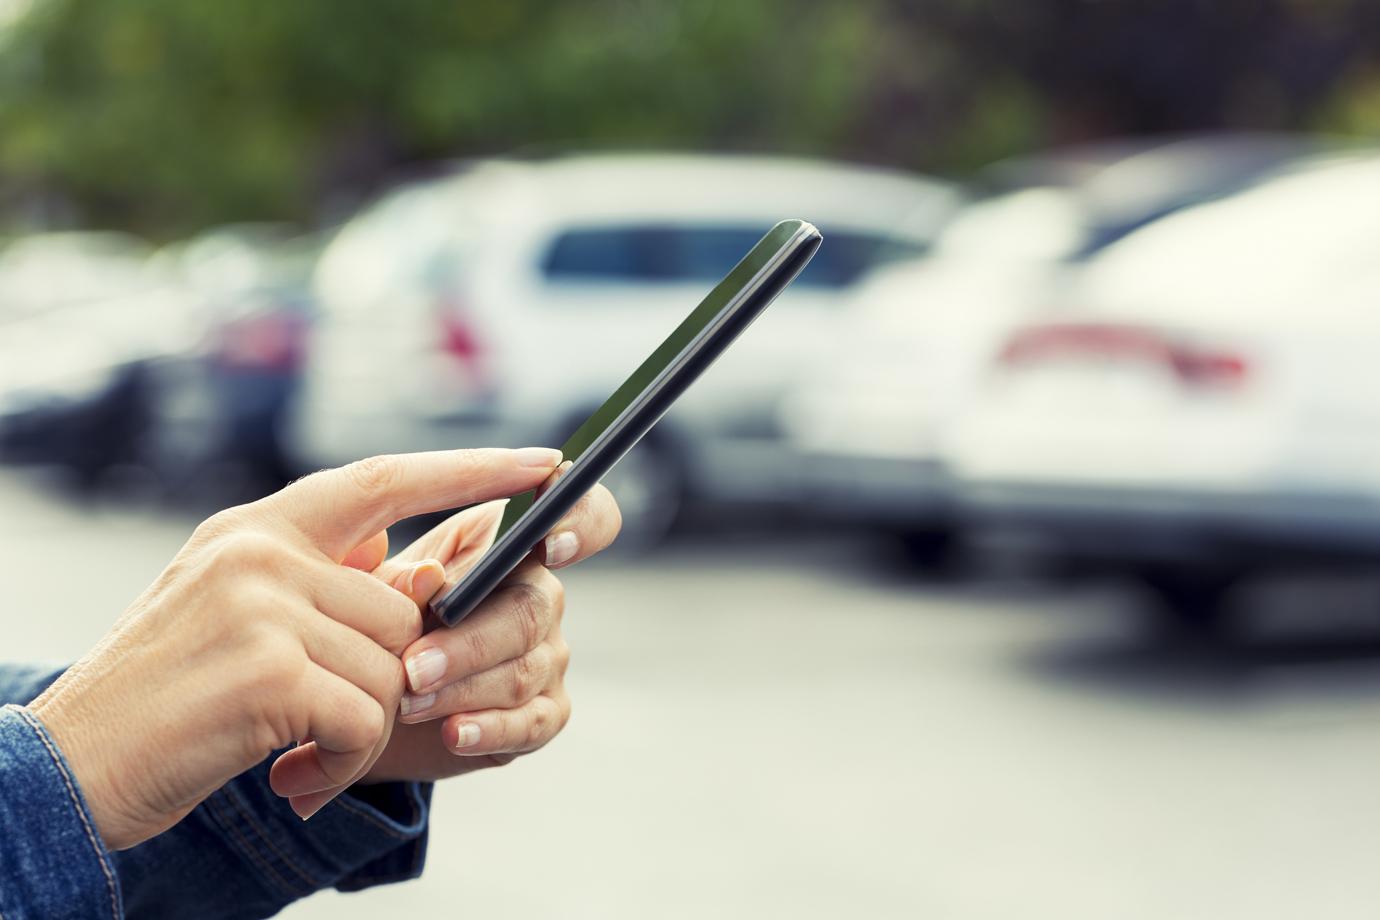 Dicas - Oportunidade para vendedores de carros mesmo com o Coronavírus - Recorra Aqui Blog